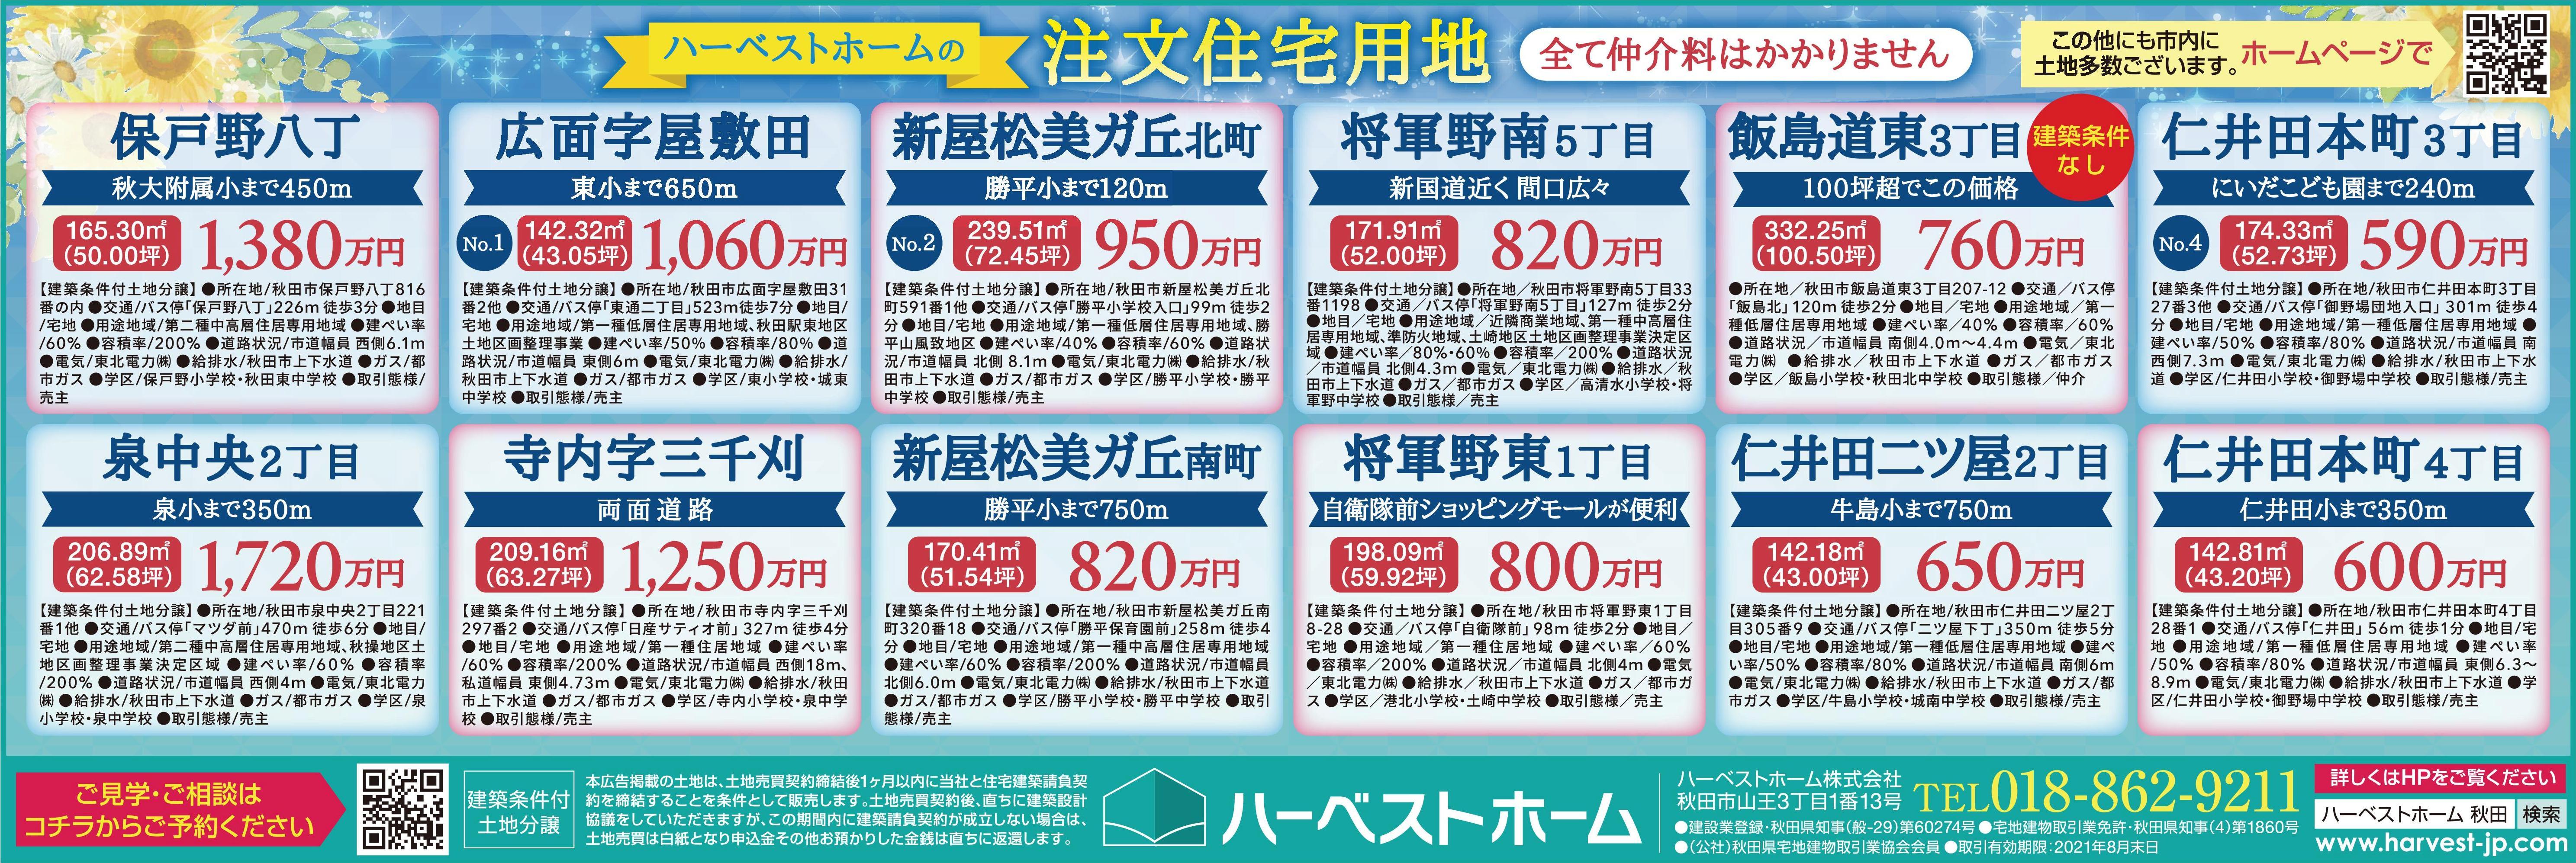 秋田市内『土地情報』…全て仲介料はかかりません。